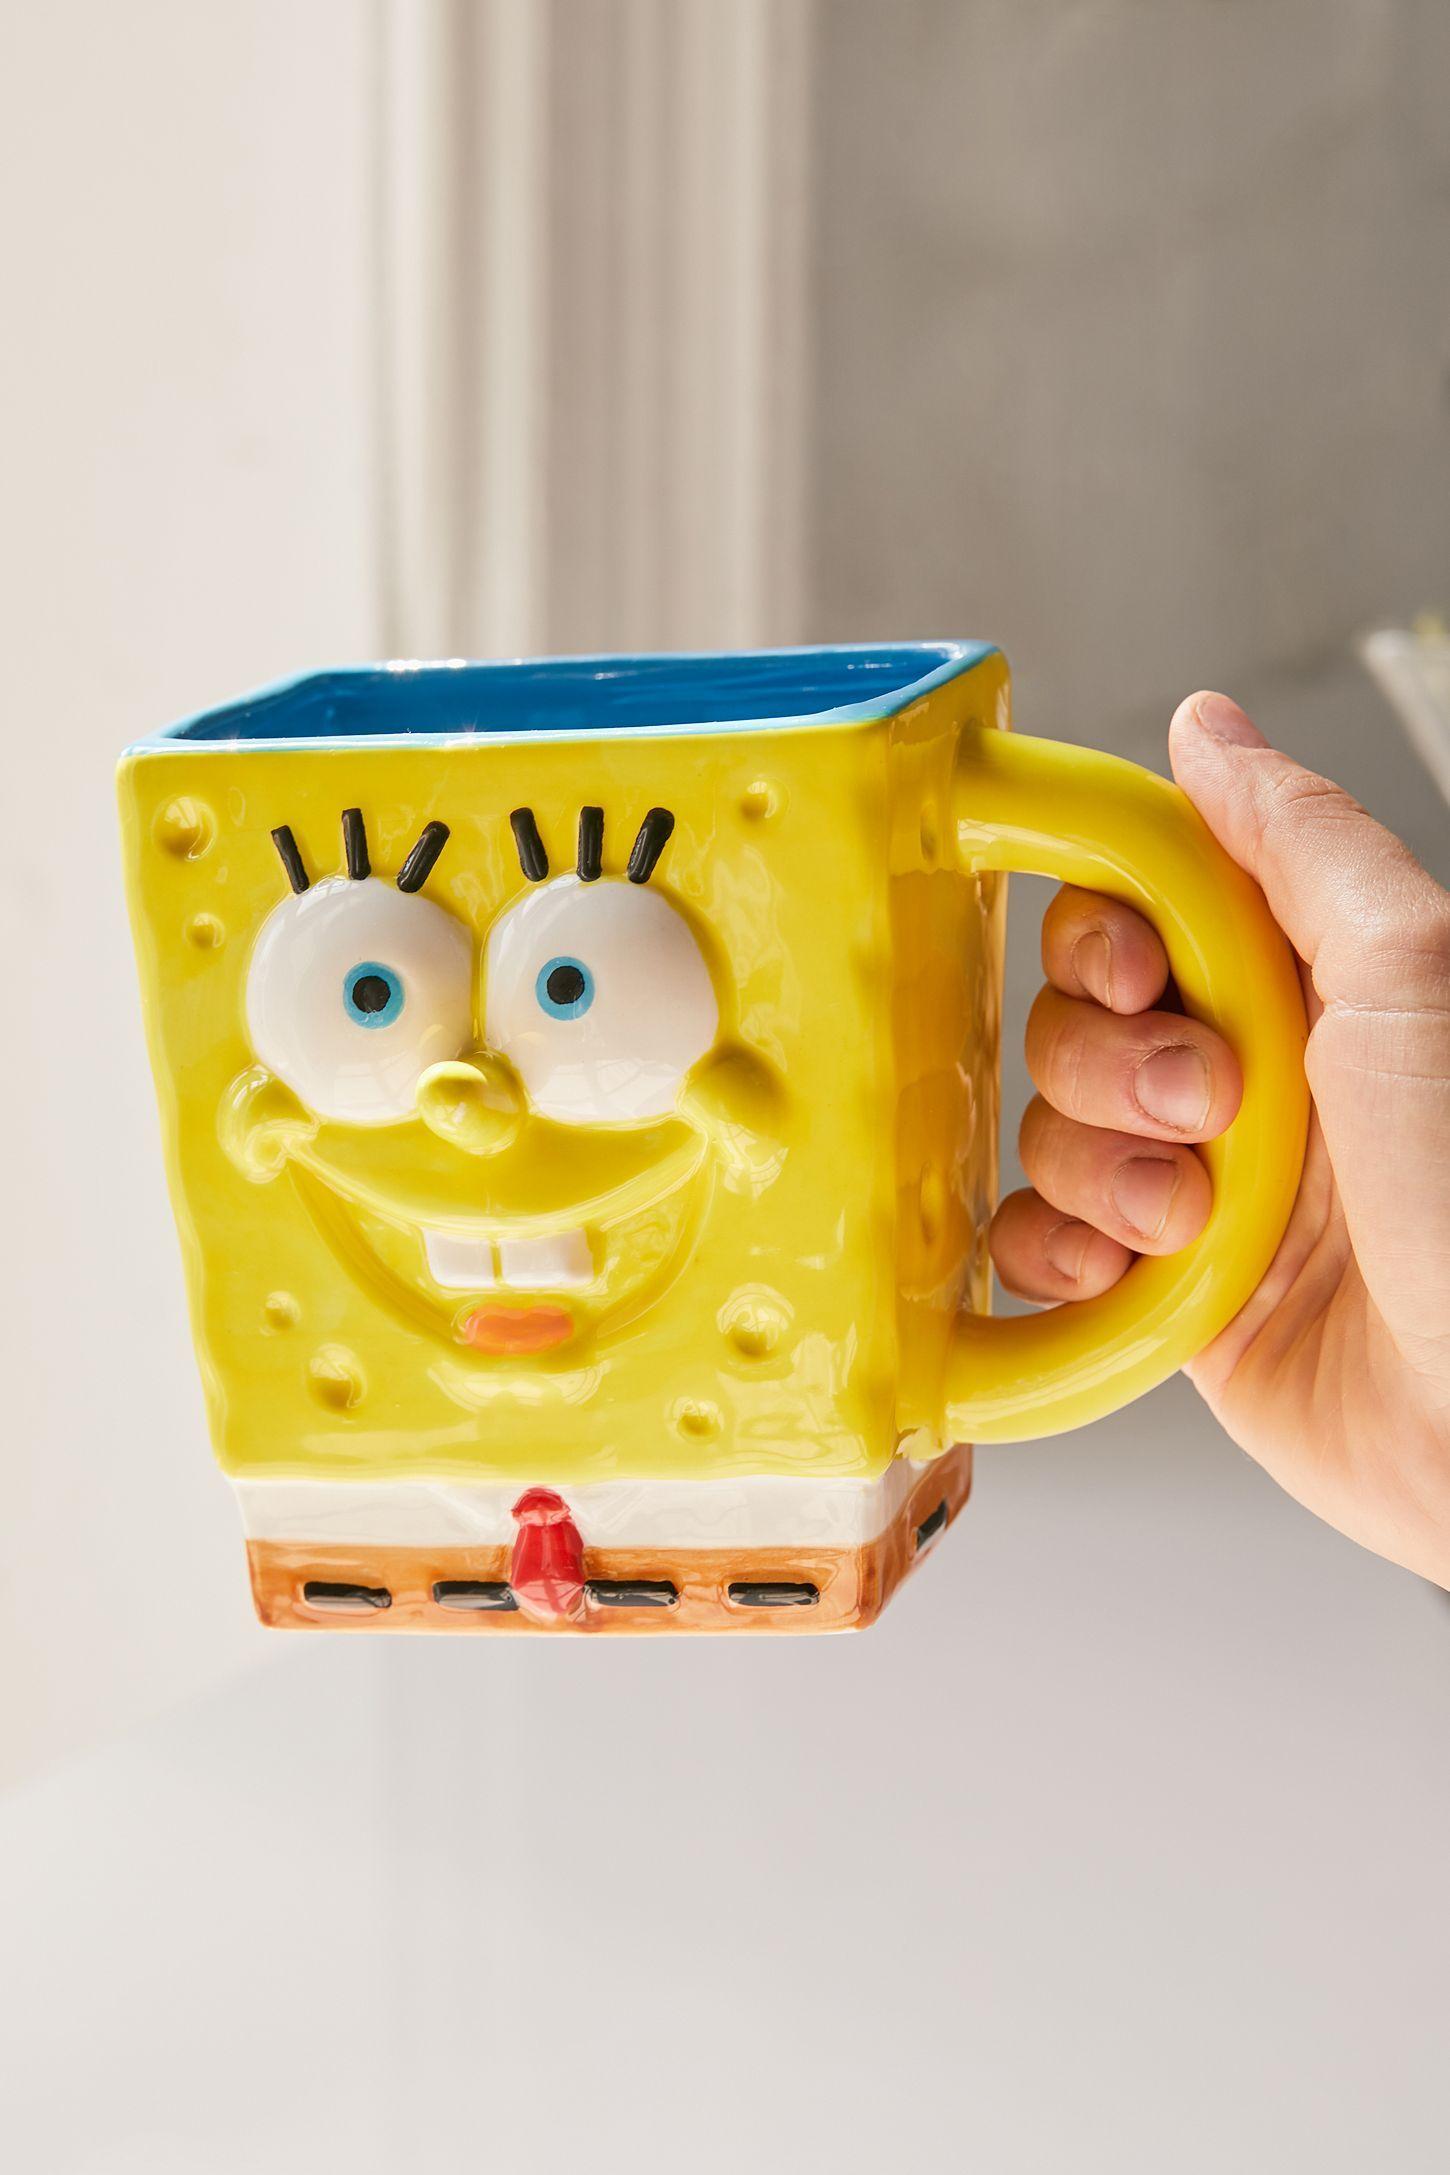 Spongebob Squarepants Shaped Mug To Build A Home Mugs Spongebob